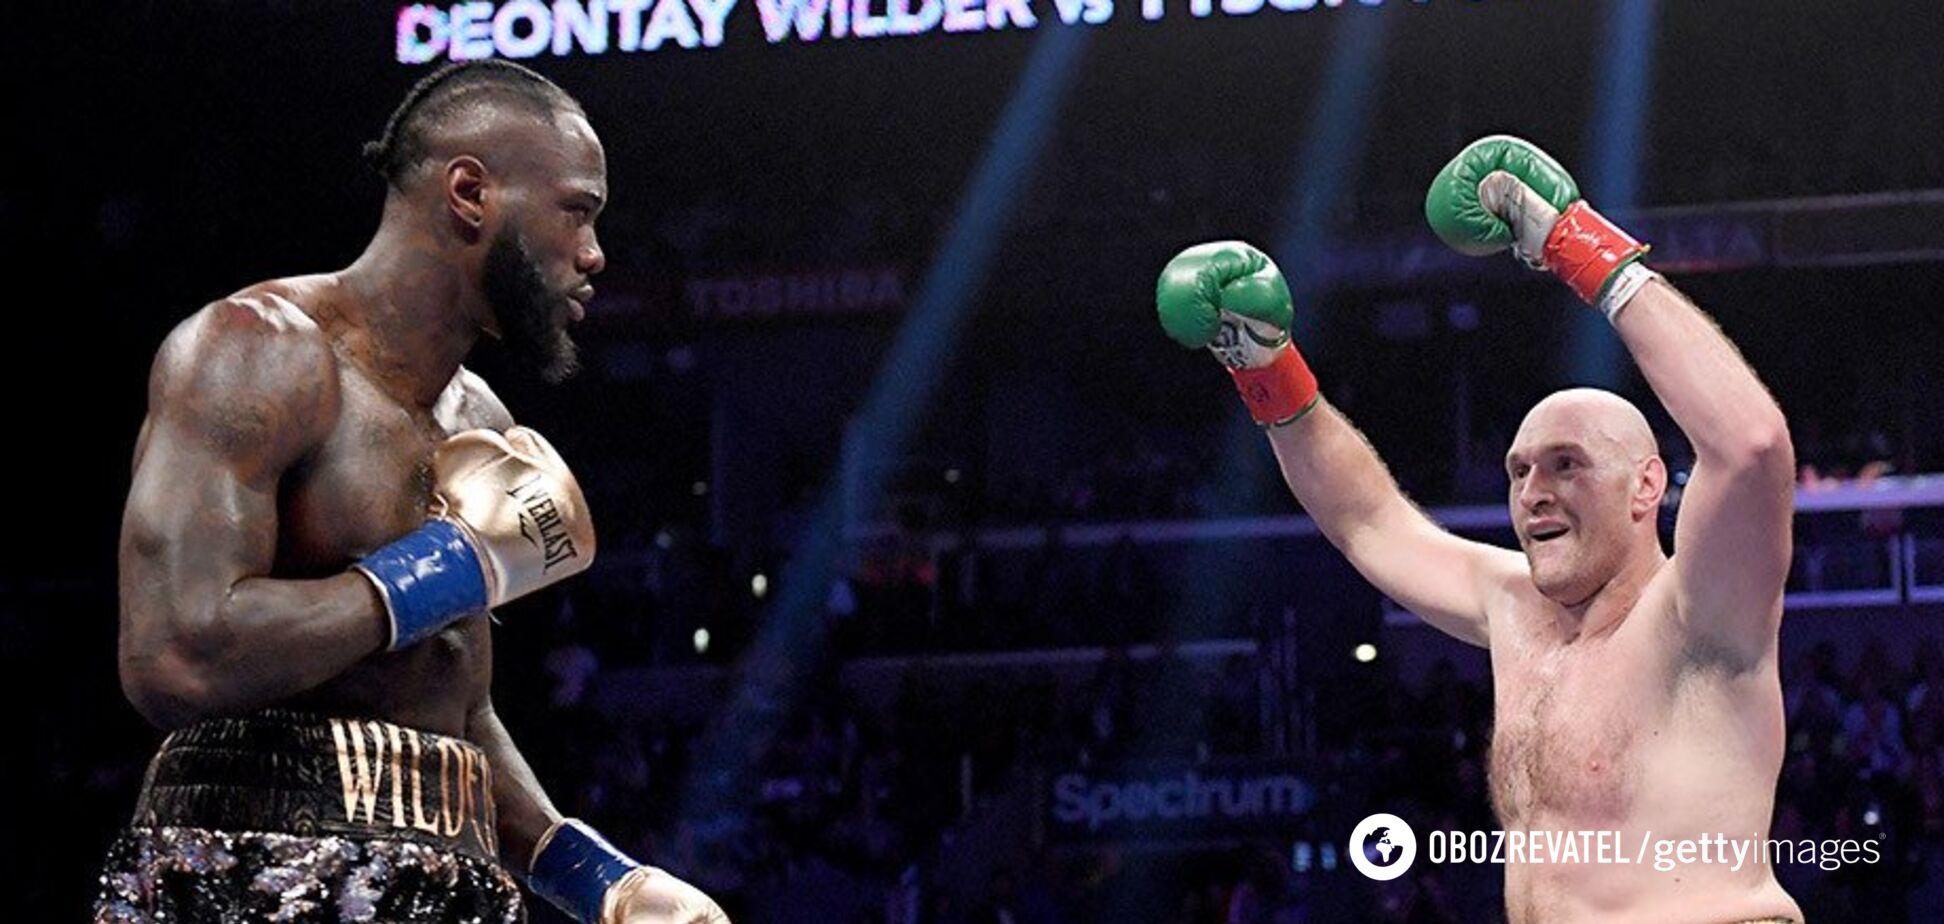 Уайлдеру сделали потрясающее предложение на реванш с Фьюри